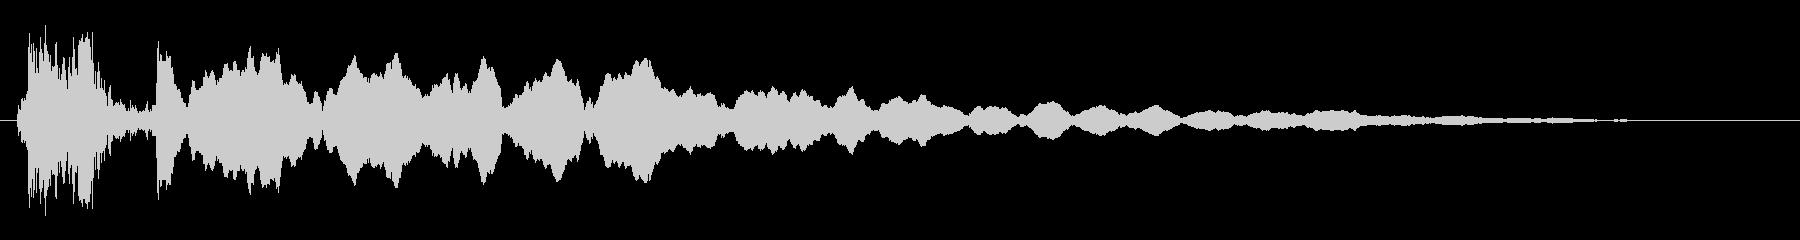 ヒューーーンというマシン作動音の未再生の波形